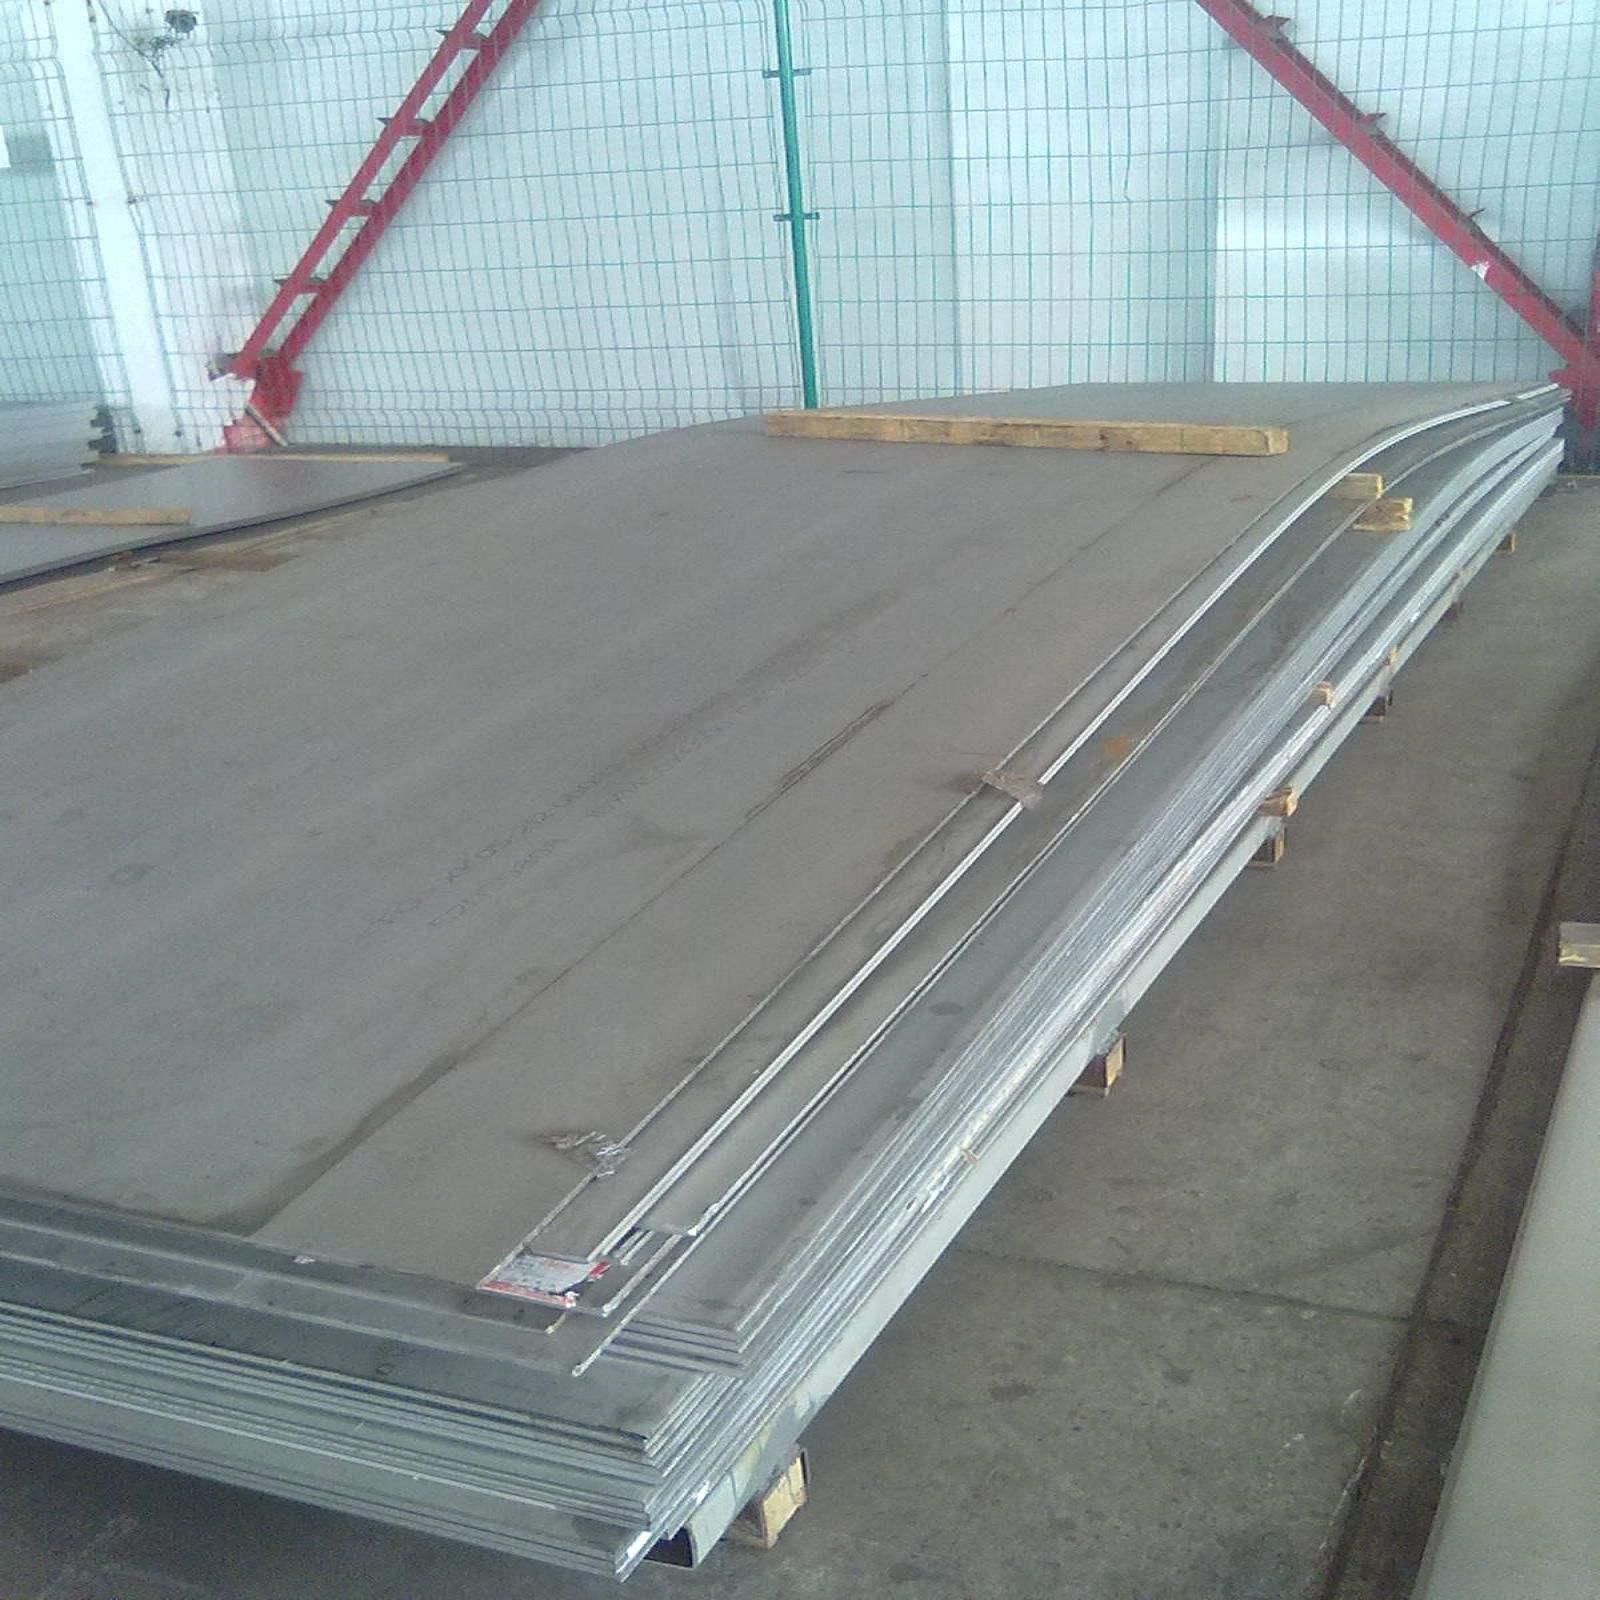 昆明不锈钢定做:昆明不锈钢板的生产工艺有哪些注意事项